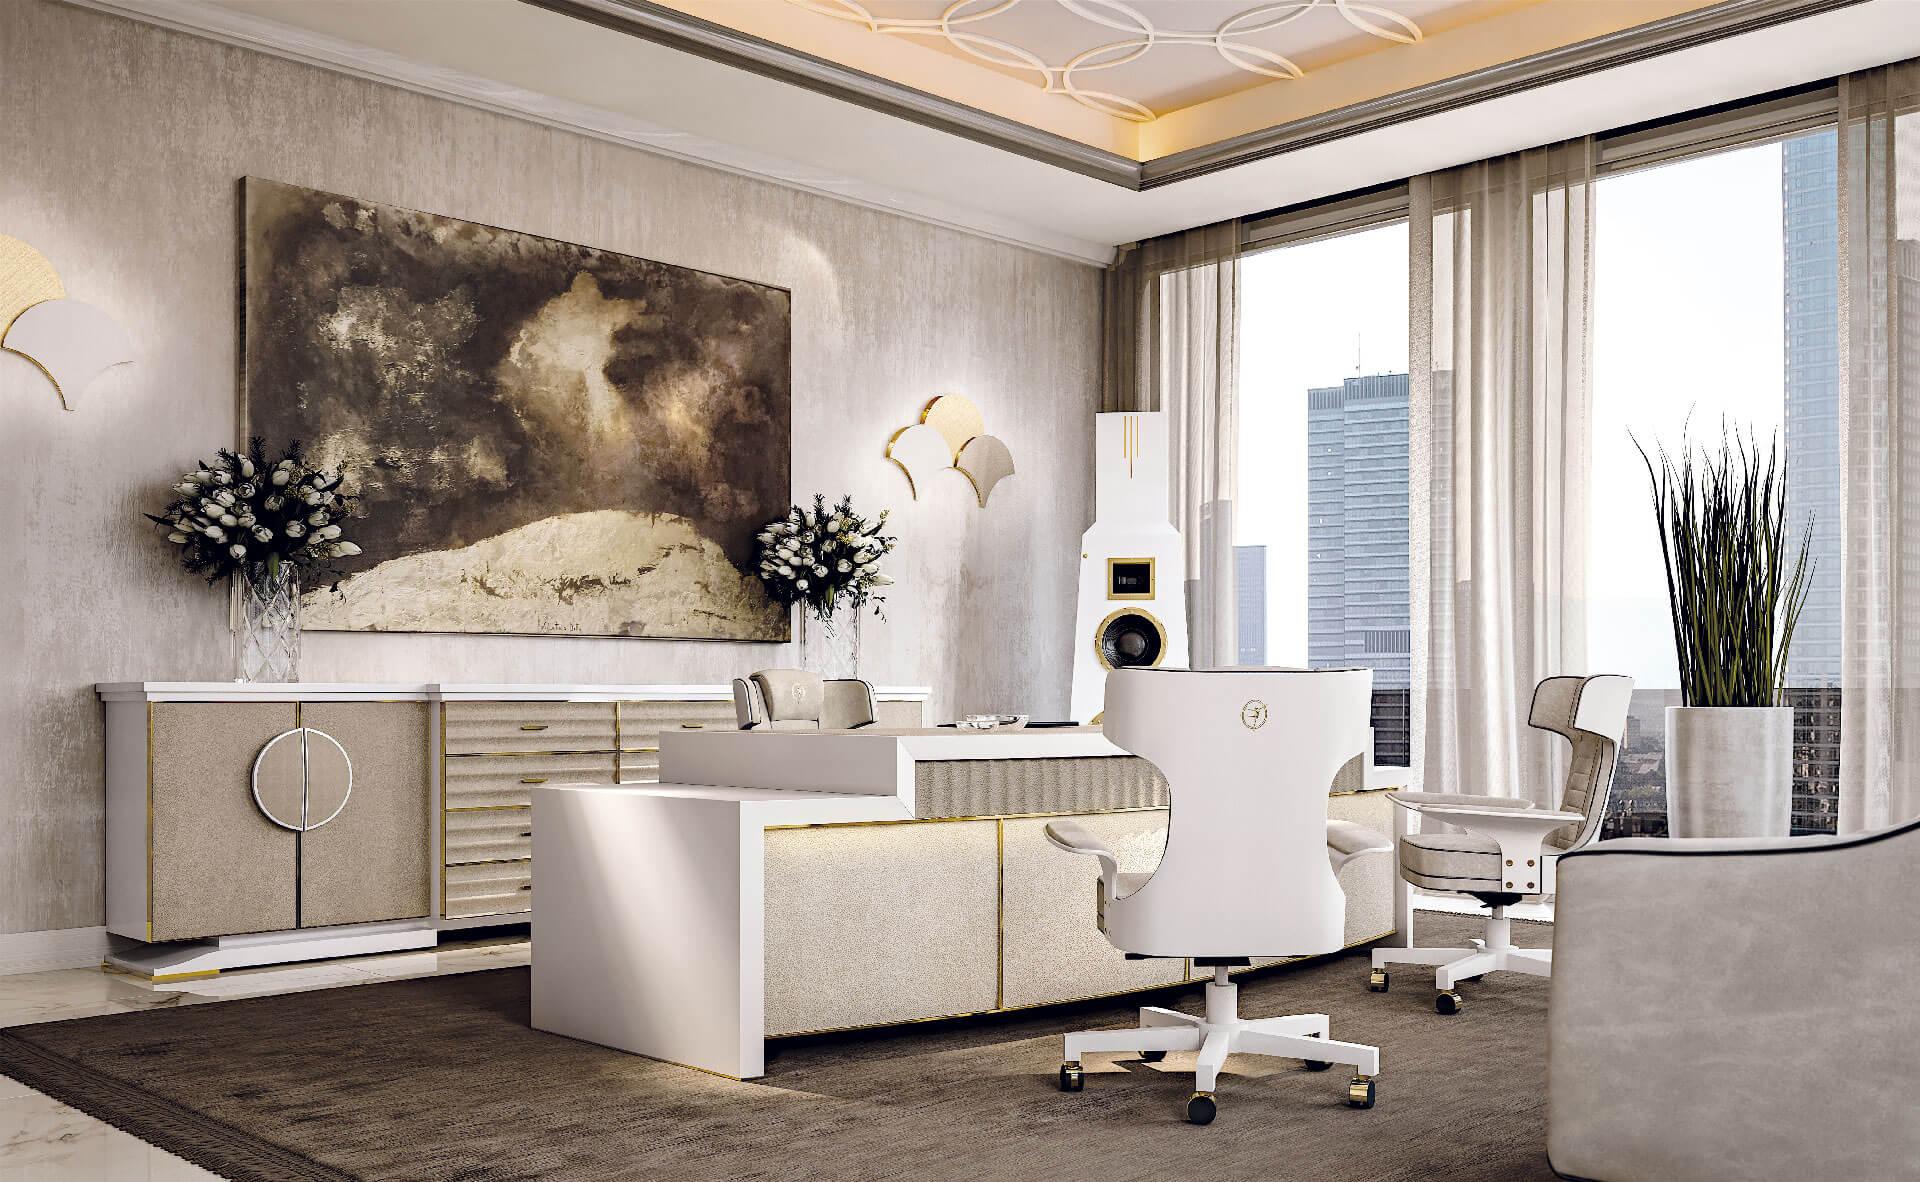 Báo giá thiết kế nội thất phong cách luxury